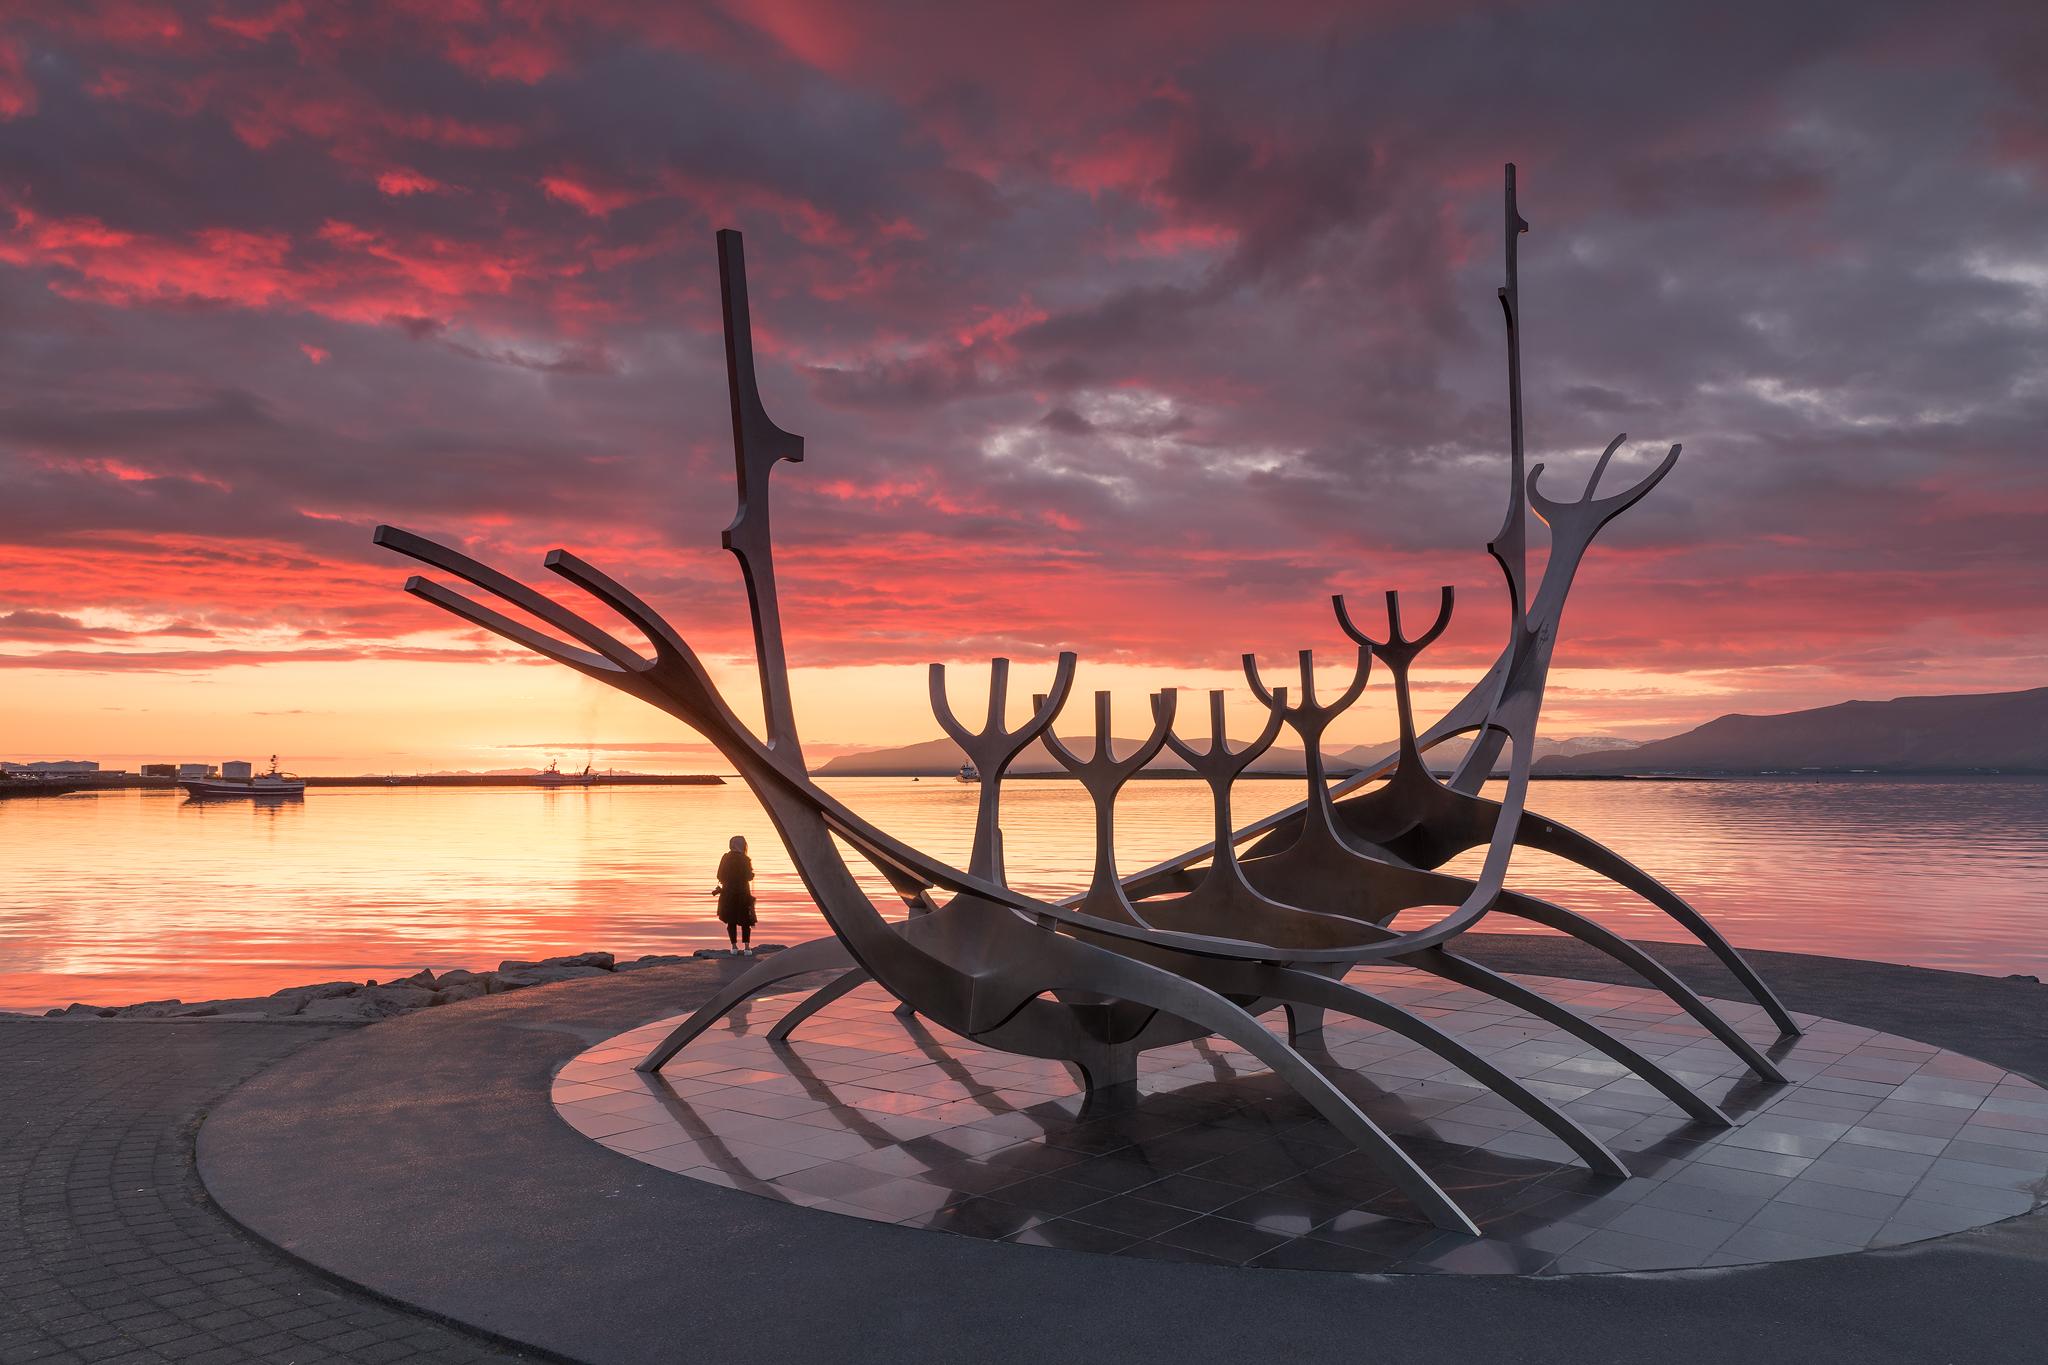 รูปปั้น 'การเดินทางของพระอาทิตย์' เปิดตัวอย่างเป็นทางการเมื่อวันที่ 18 สิงหาคม 1990